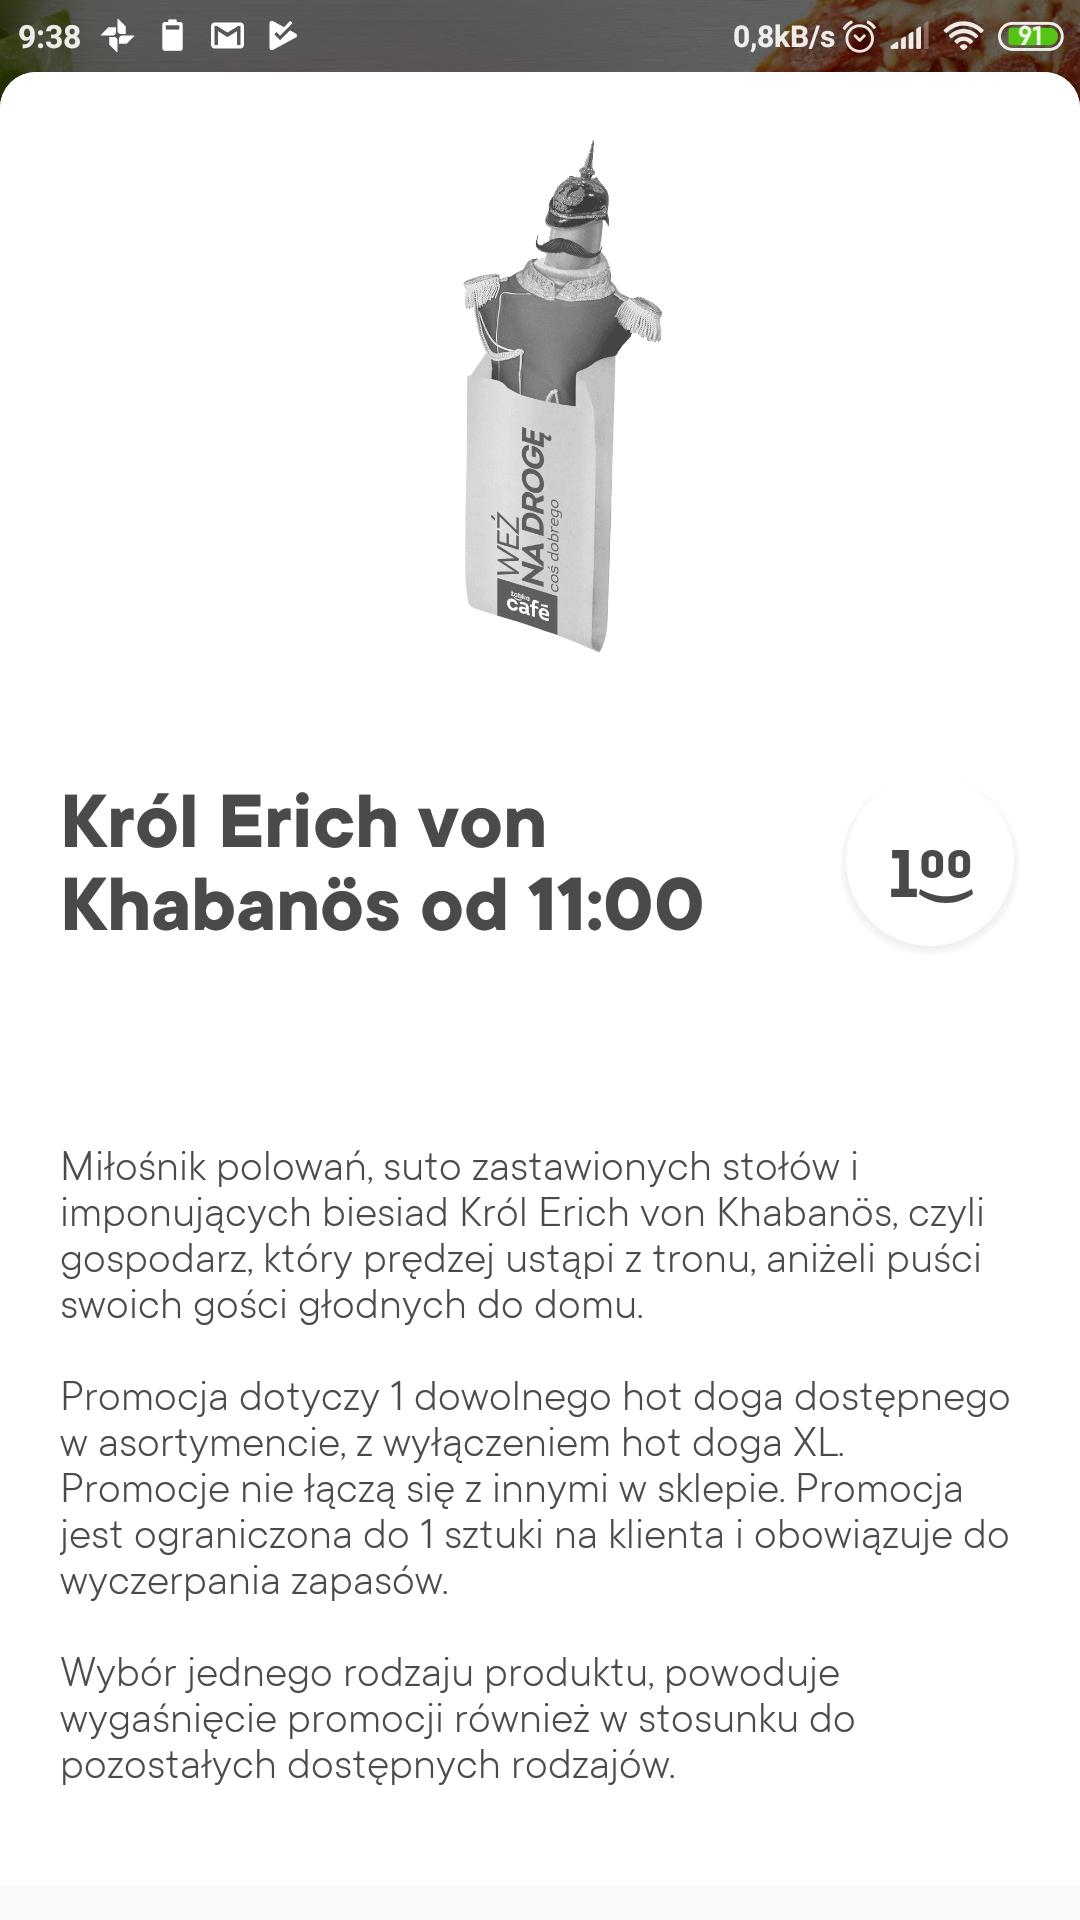 Hotdog w Żabka za 1 zł od 11:00